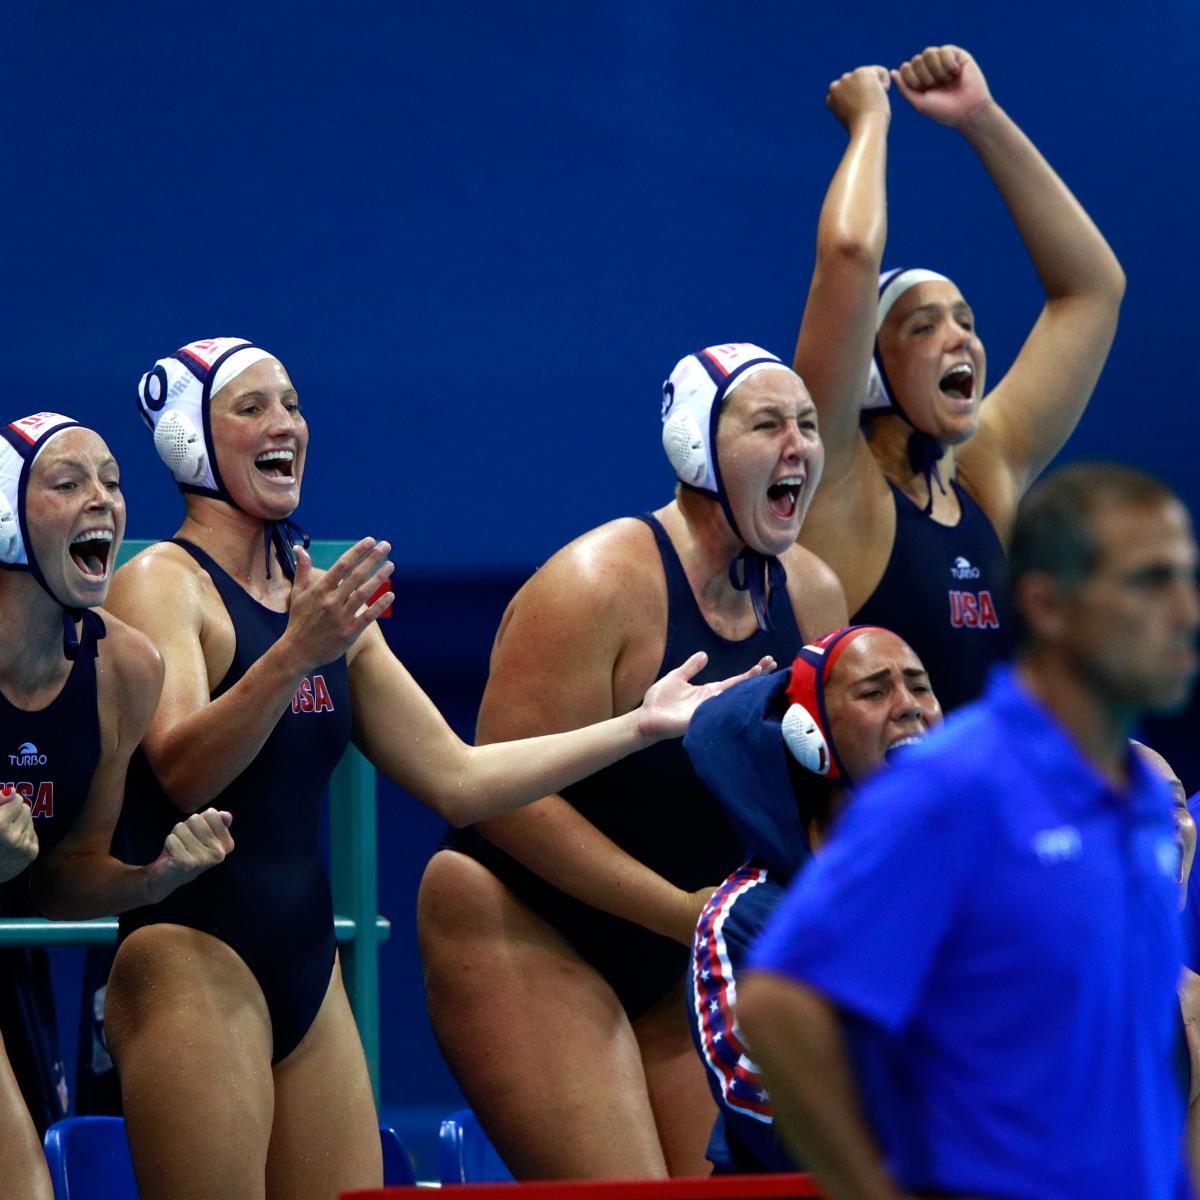 сток магазин фотографии с соревнований по женскому водному поло бизиборд своими руками